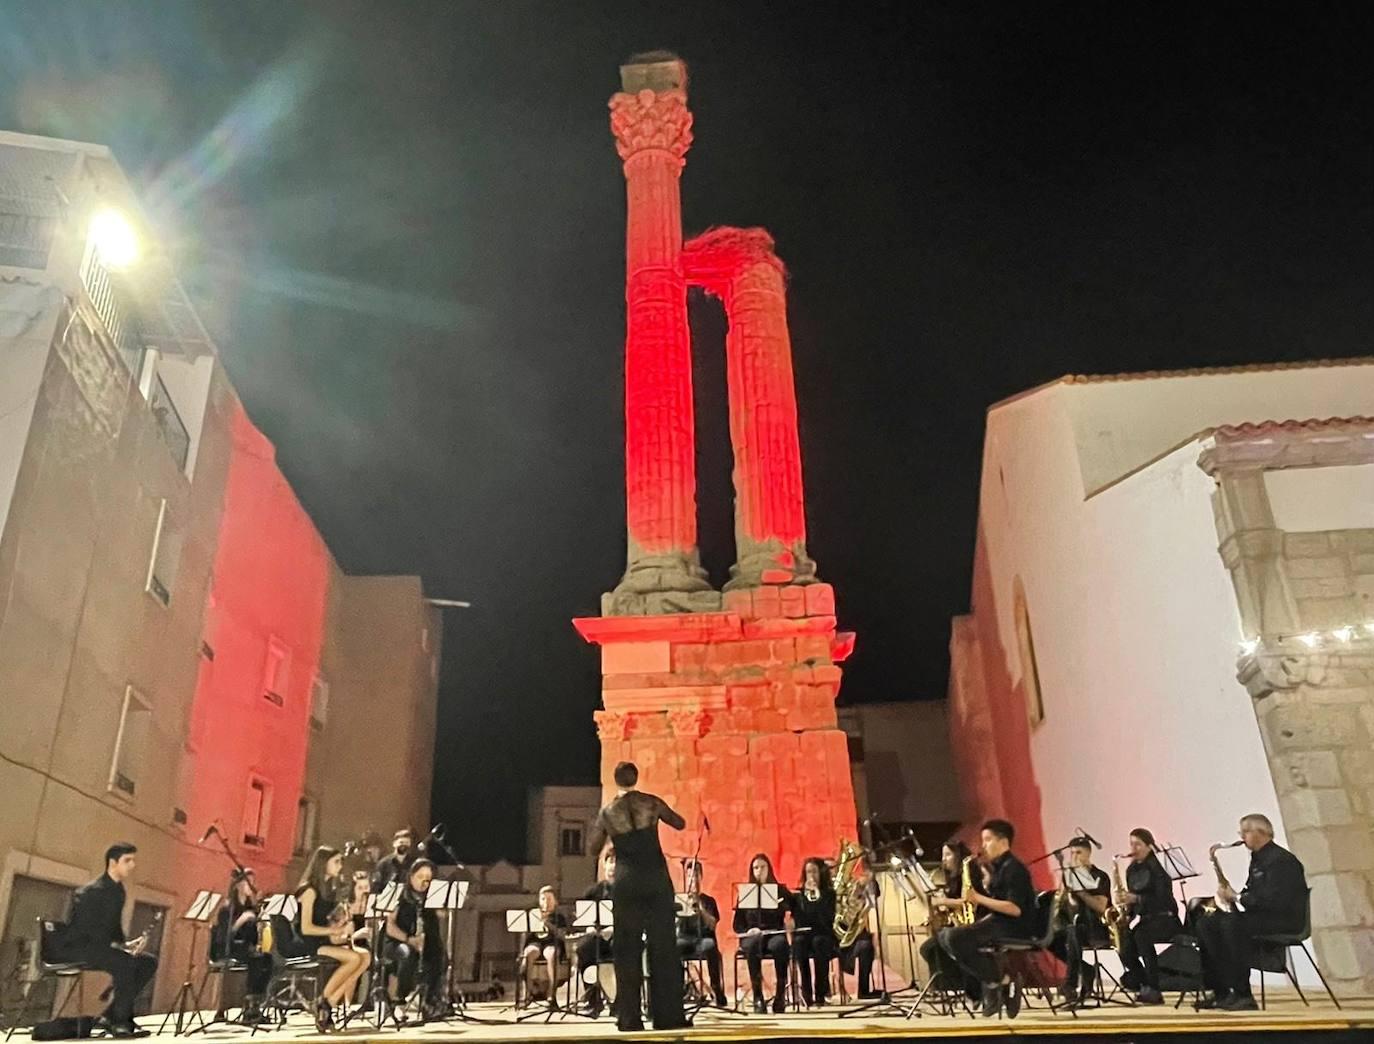 Zalamea de la Serena pone fin a su feria con la entrega de premios y el concierto de la Banda de Música